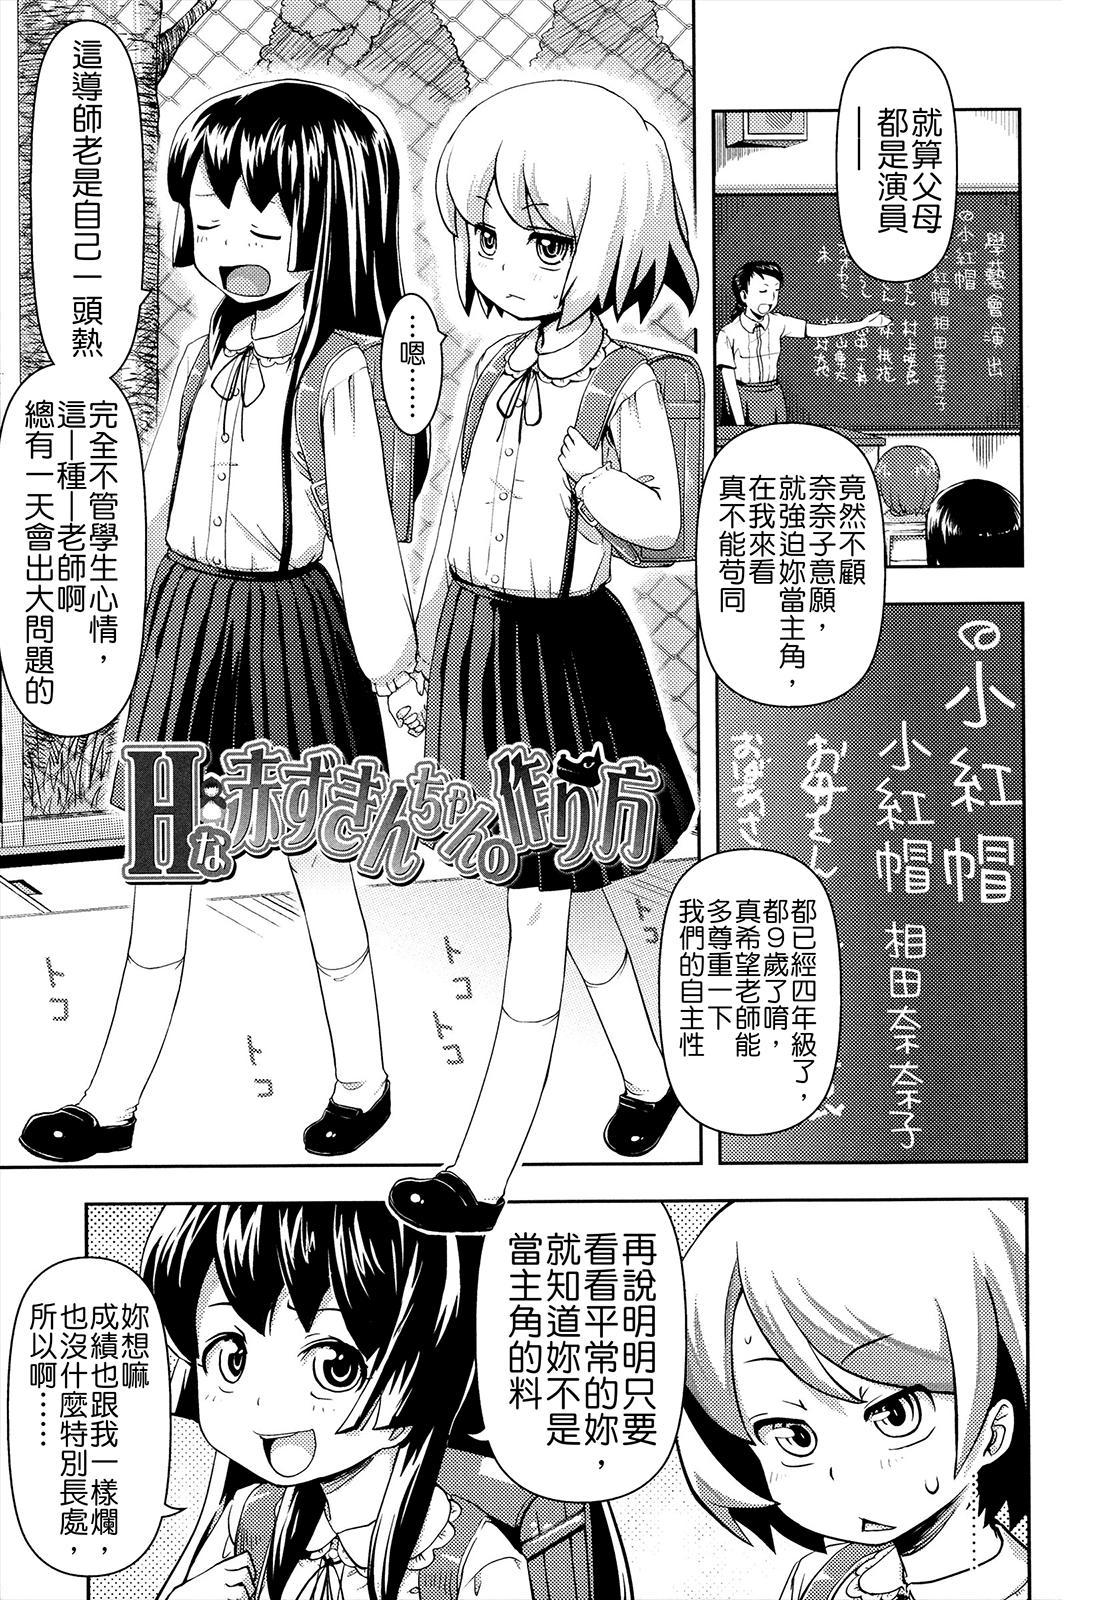 Oni-chan no Suki Ni Site!? 128